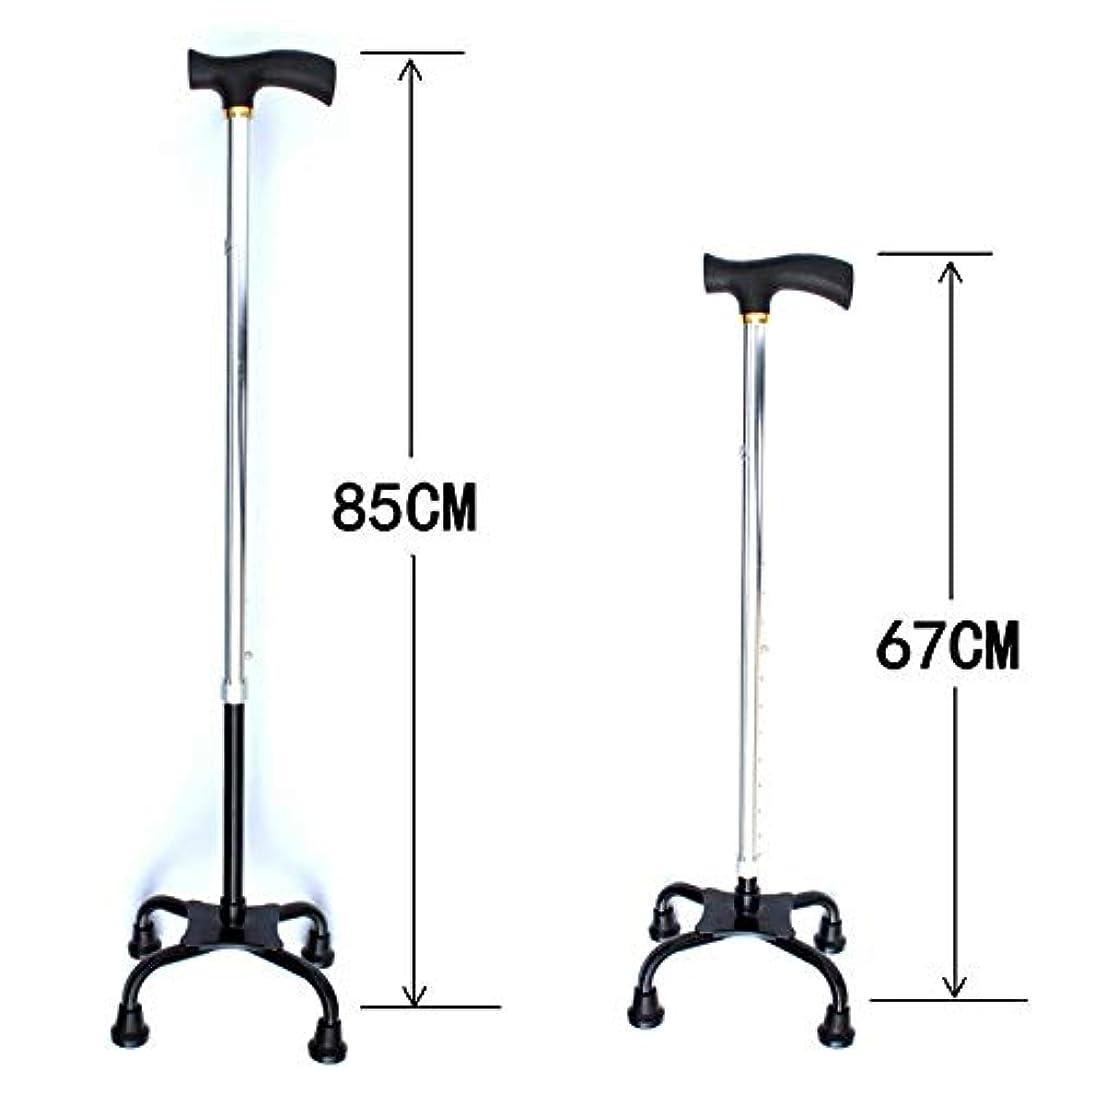 外科医燃やす気づかないTDLJSVZE 老人松葉杖格納式4フィート杖4コーナー杖高齢者の滑り止めを調整することができます